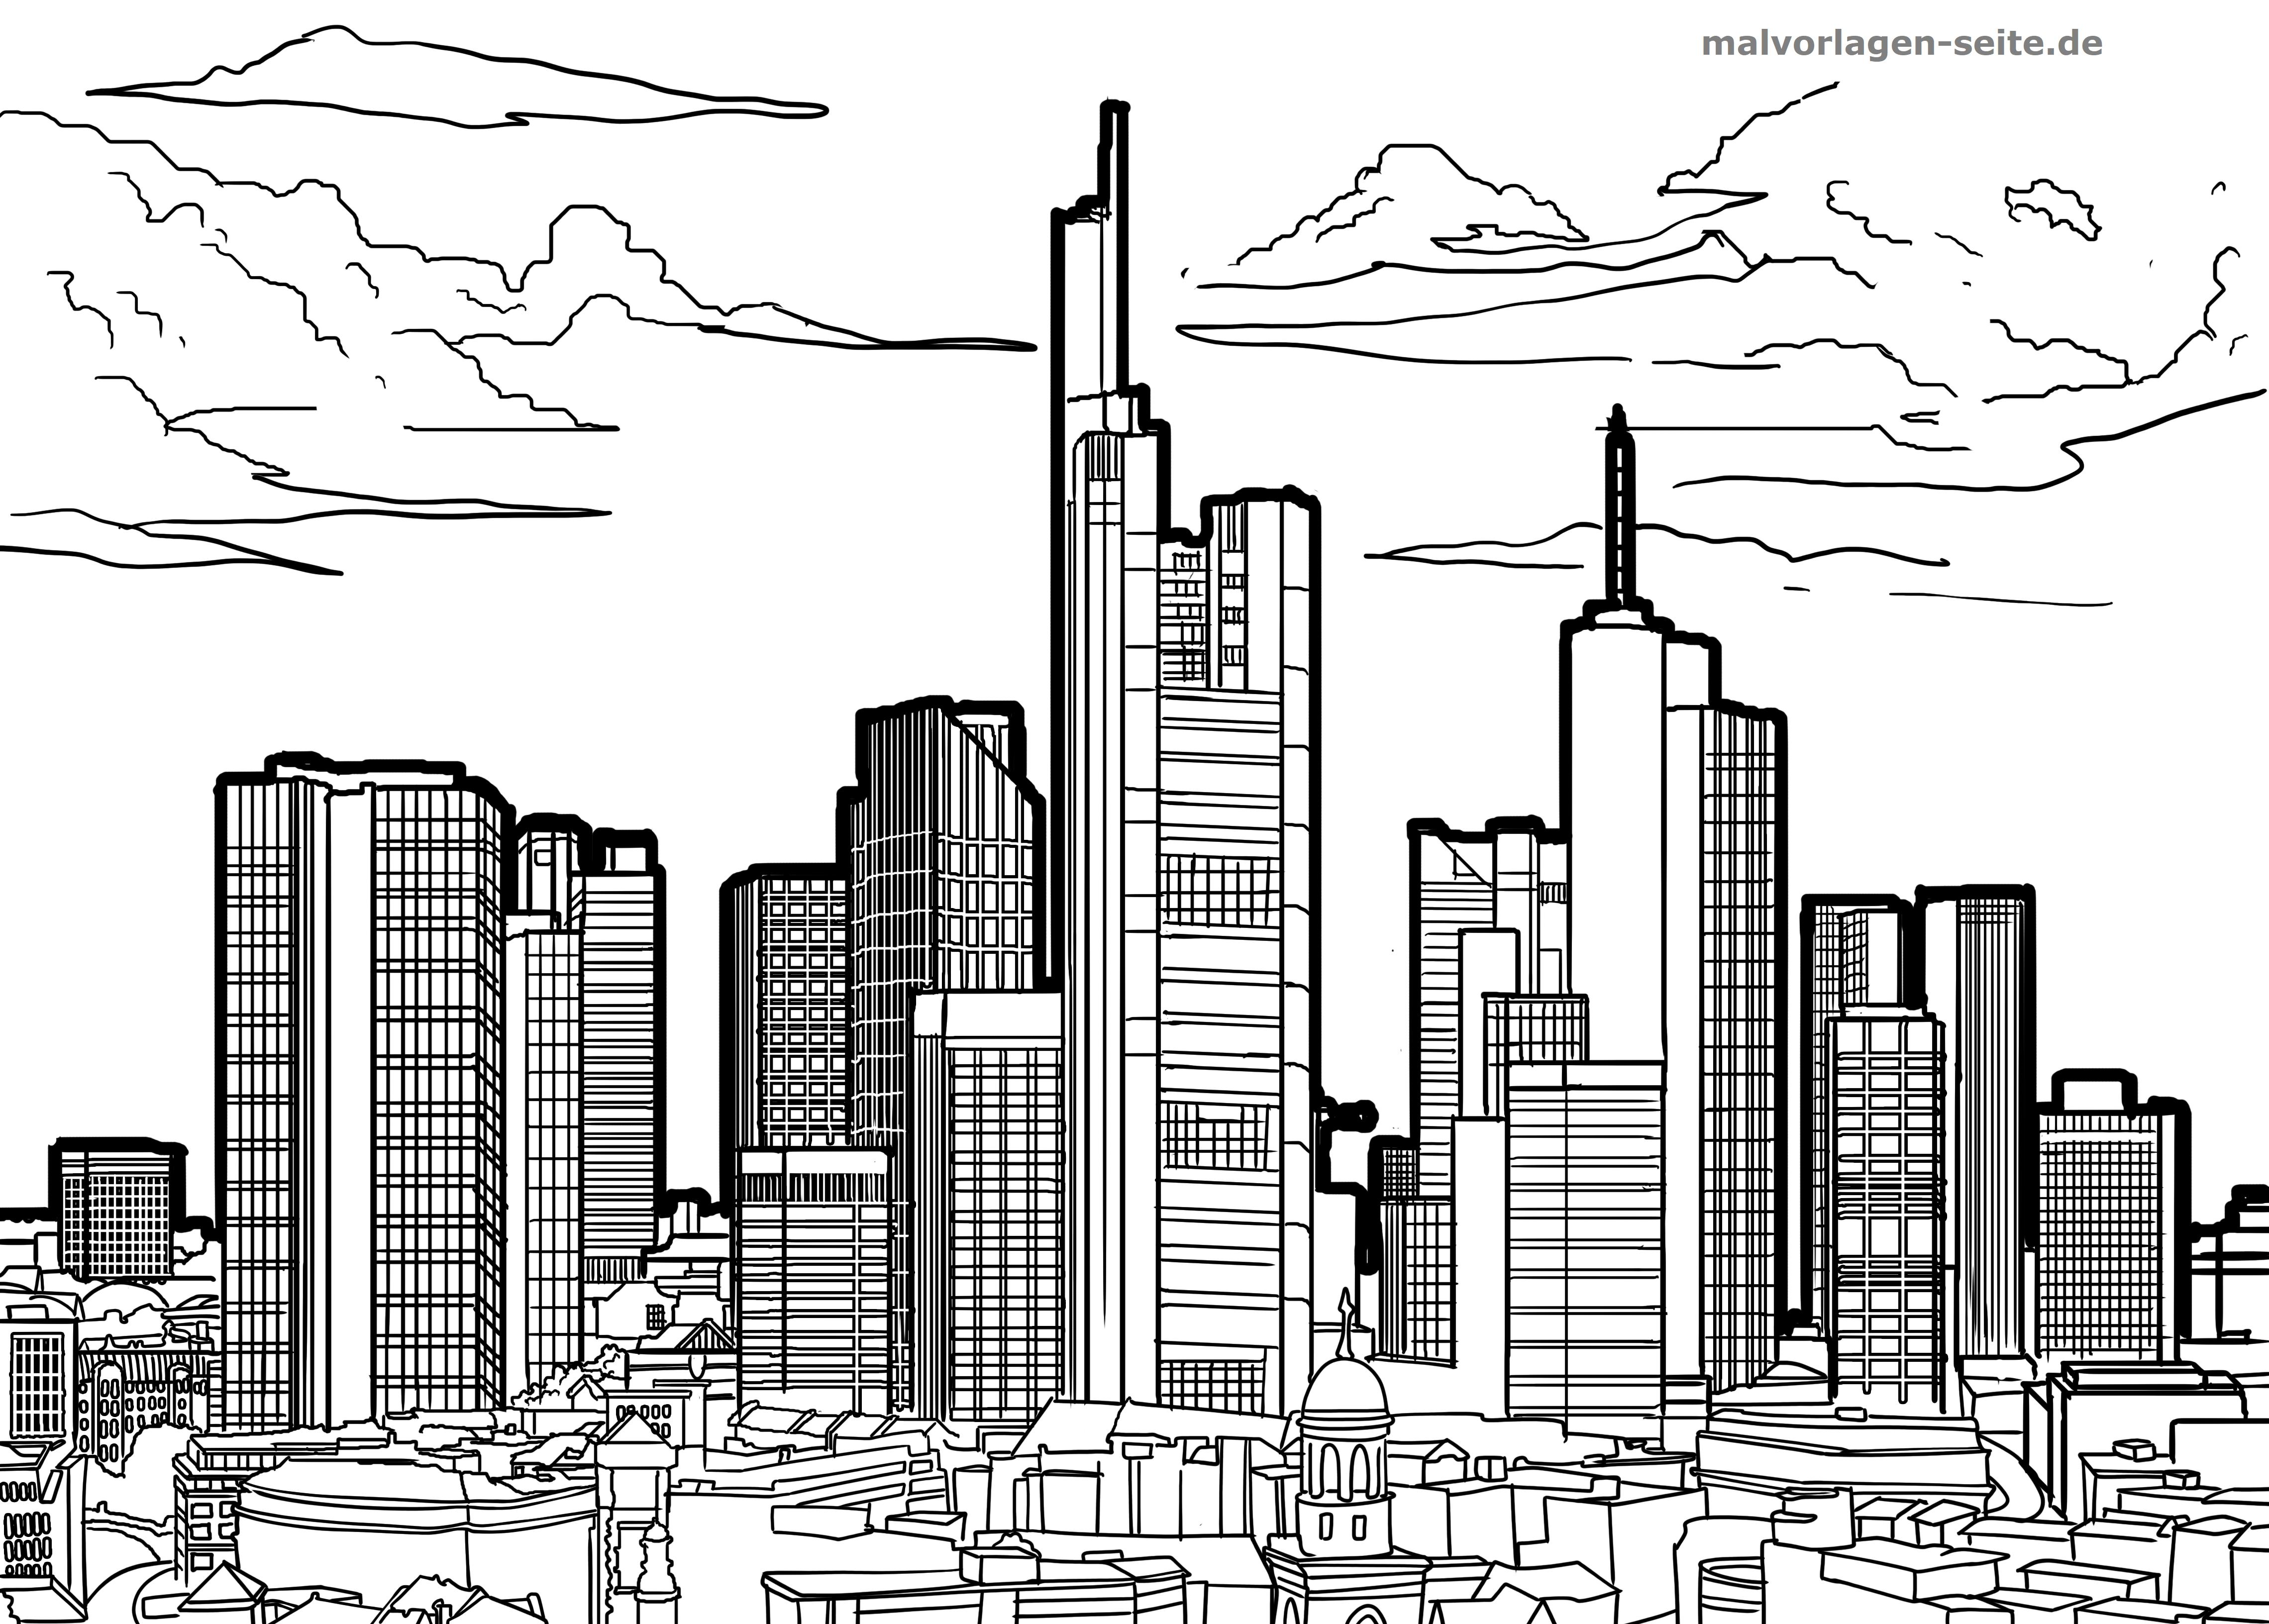 Desenho de Frankfurt am Main skyline para colorir